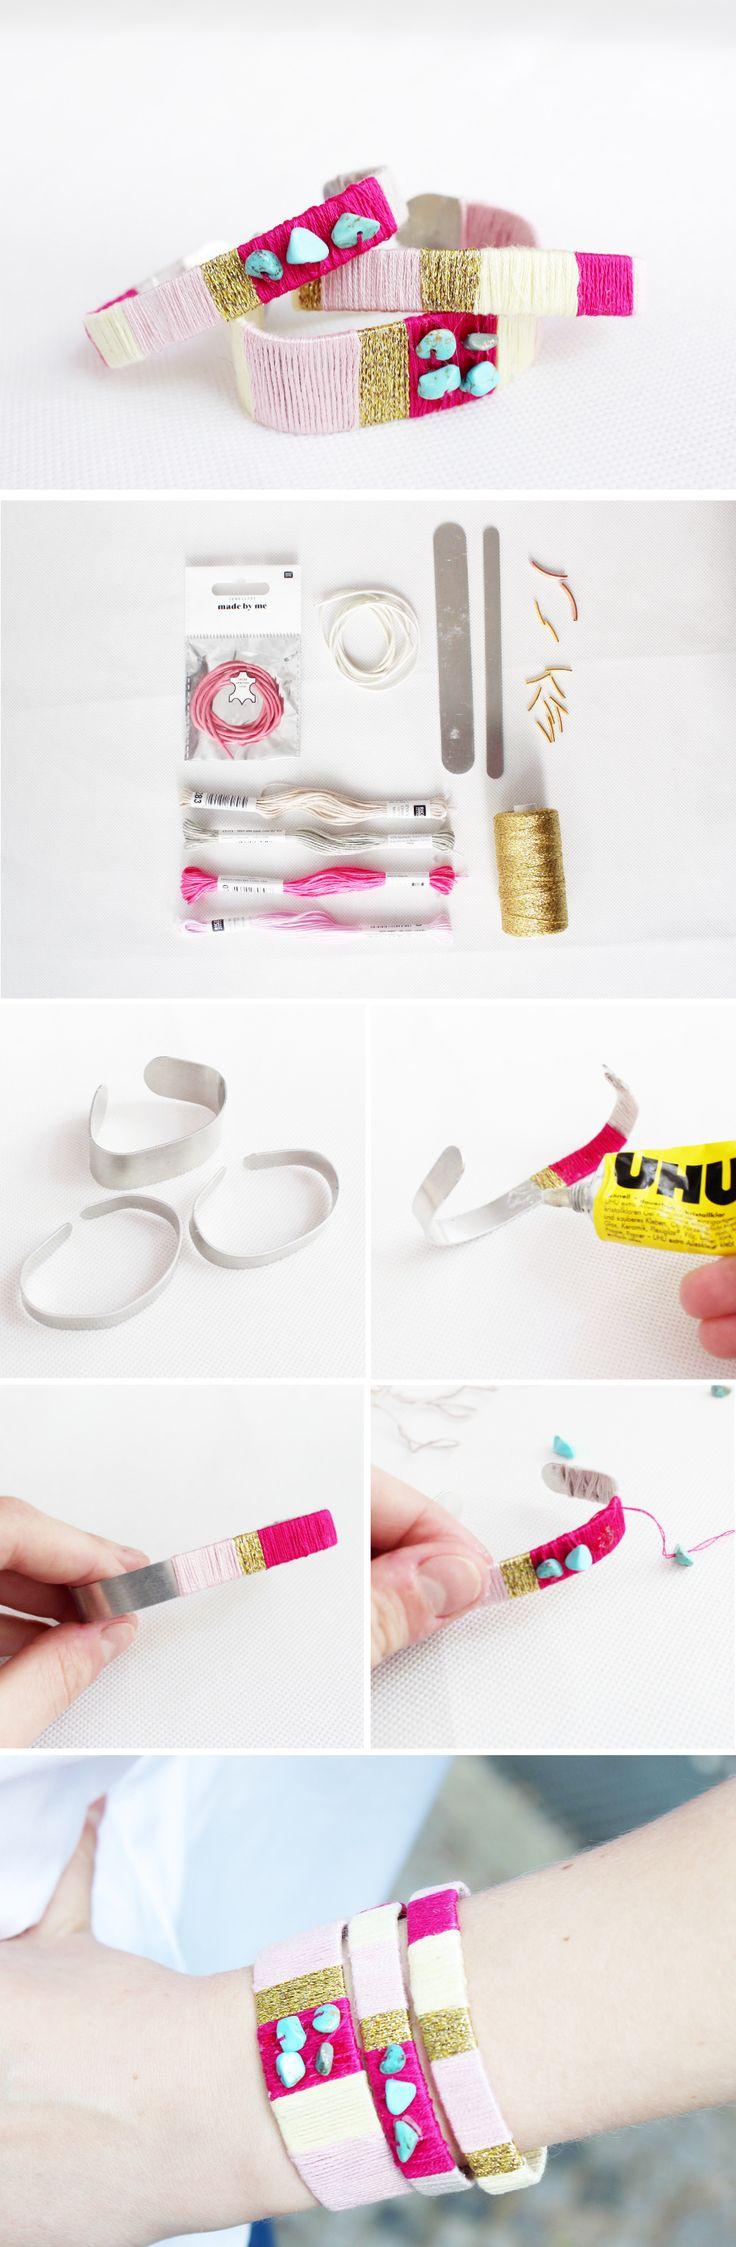 DIY Armbänder im Sommer-Look Selber Machen